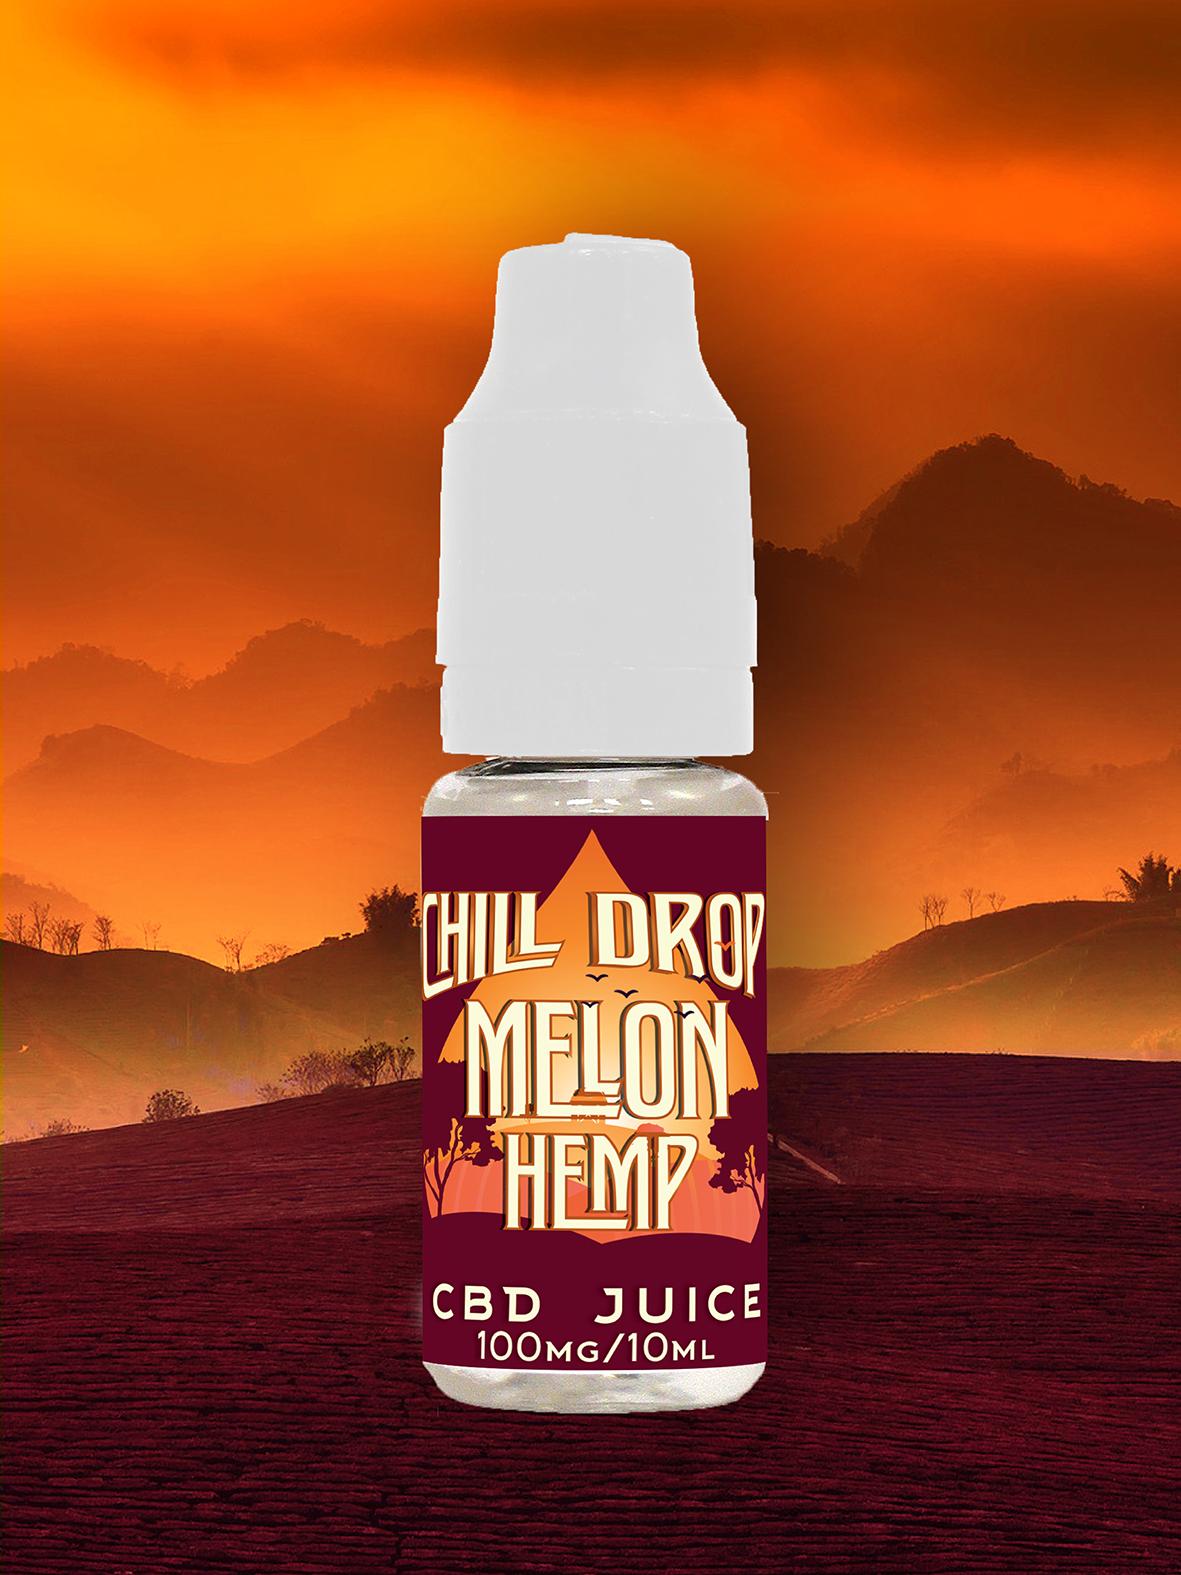 E-liquid Chill Drop - Getaway - Melon Hemp